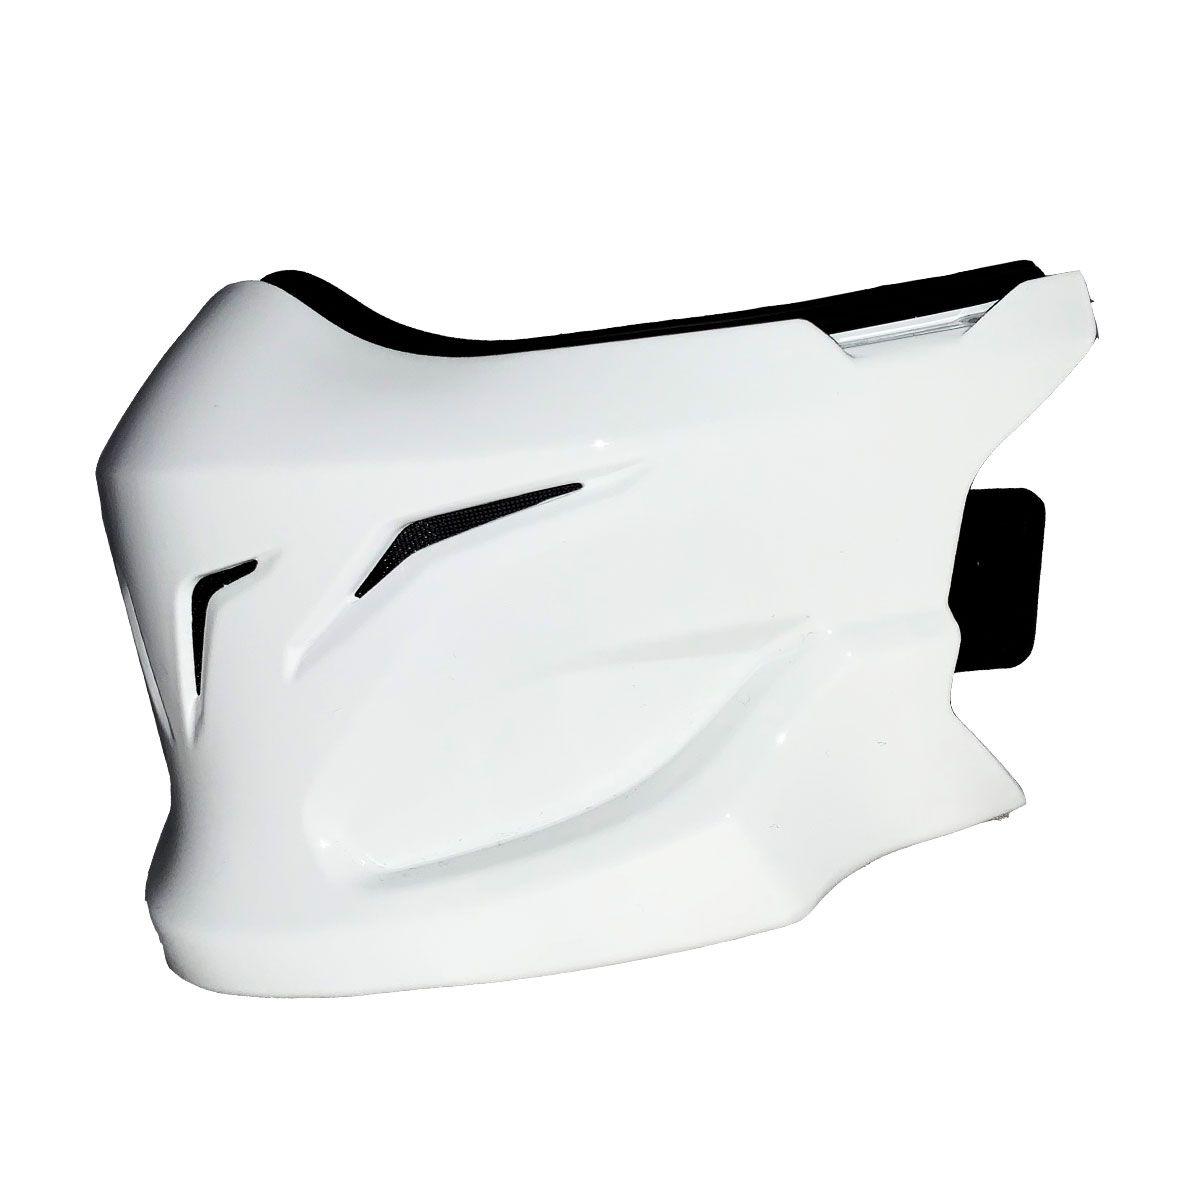 Scorpion Masks voor de Scorpion EXO-Combat Jethelm-Wit